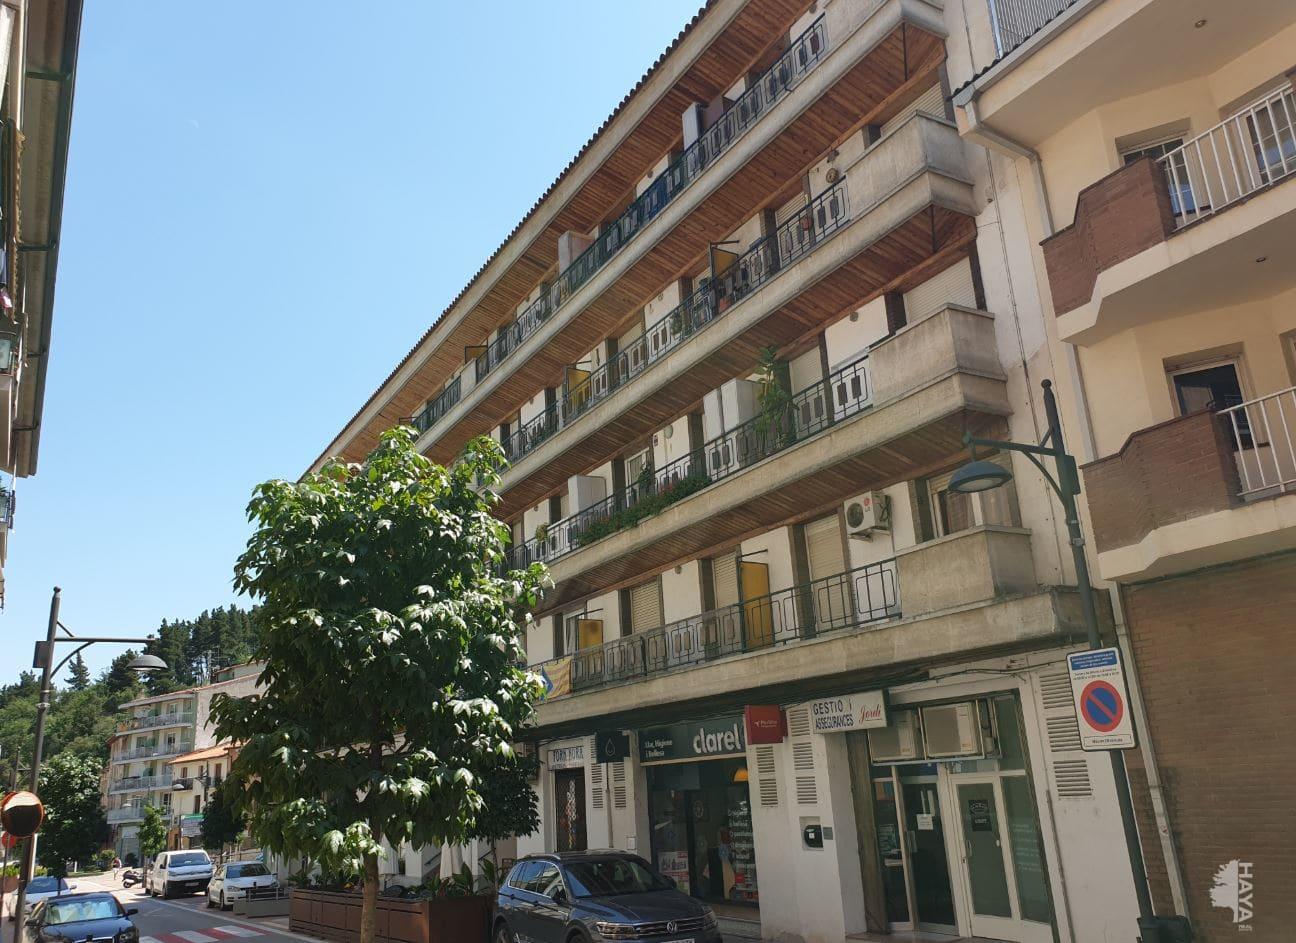 Piso en venta en Can Bruix, Arbúcies, Girona, Calle Francesc Camprodon, 95.445 €, 4 habitaciones, 124 m2